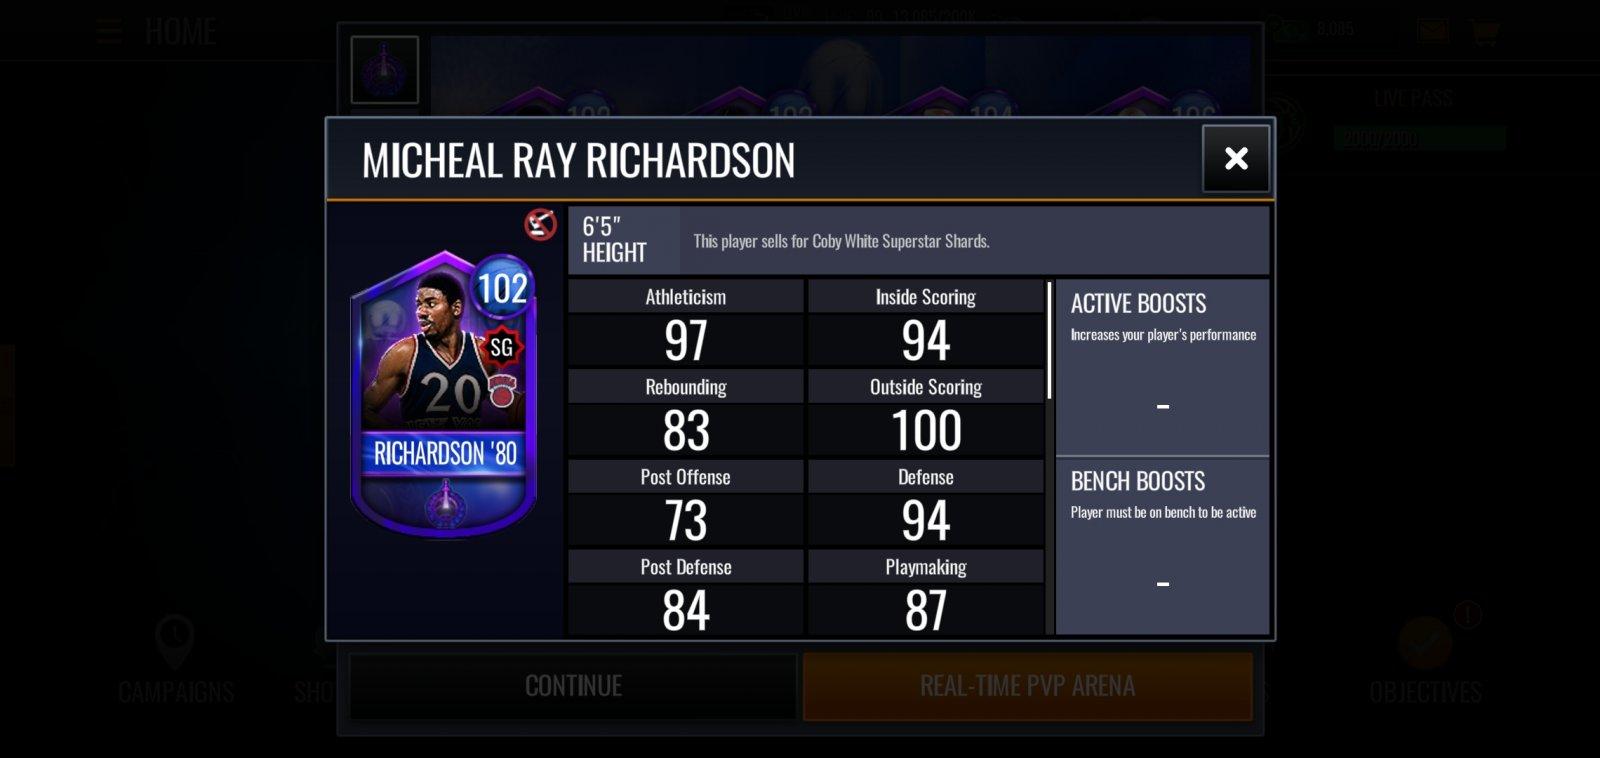 Screenshot_20200706-070610_NBA LIVE.jpg